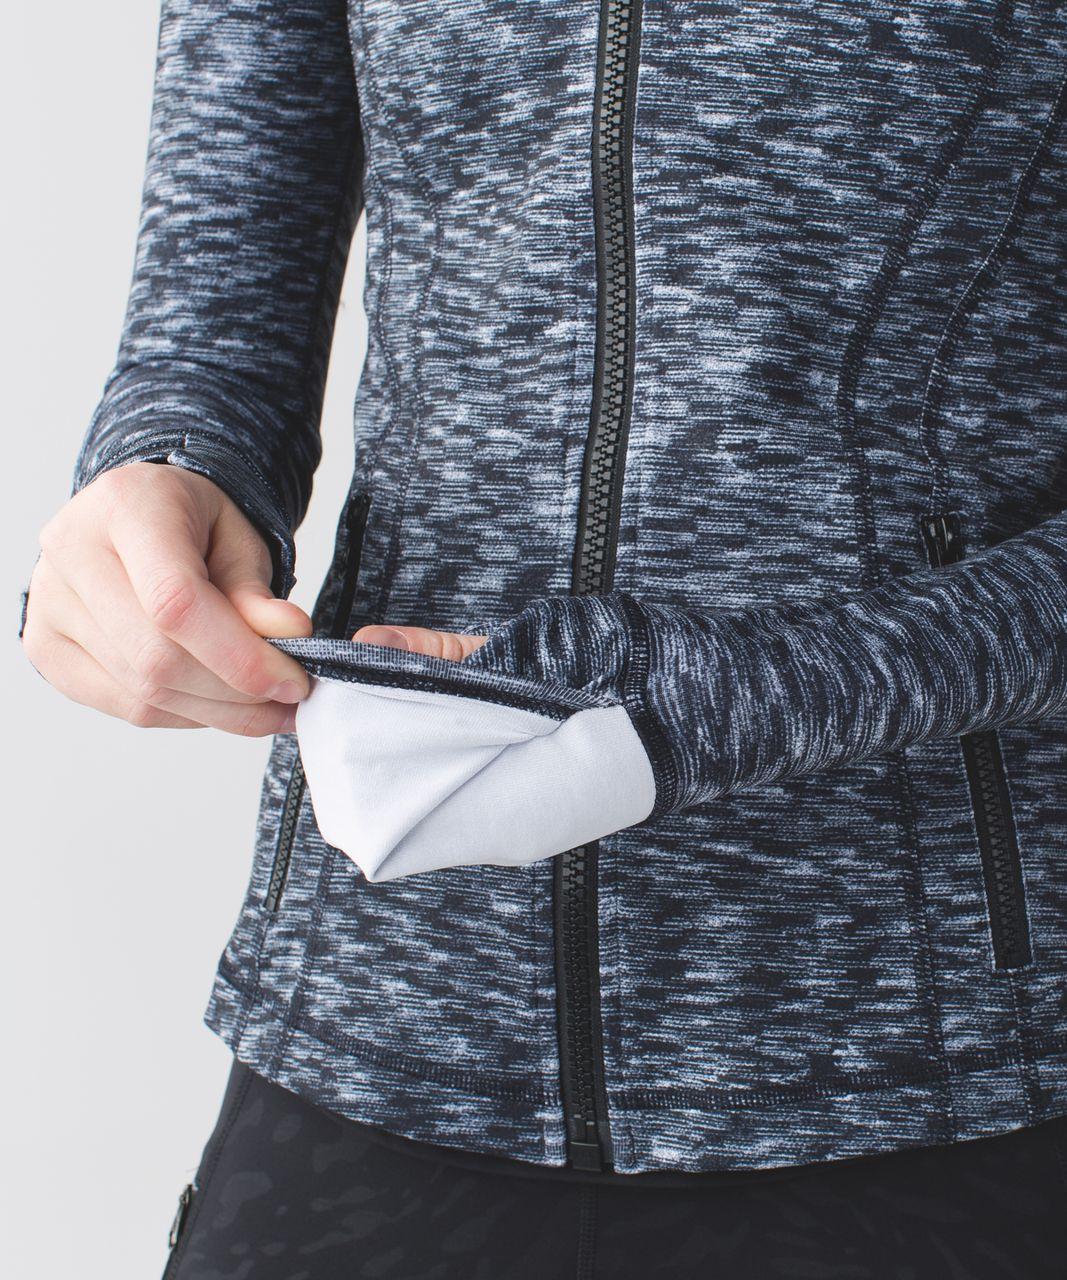 Lululemon Define Jacket - Dramatic Static White Black